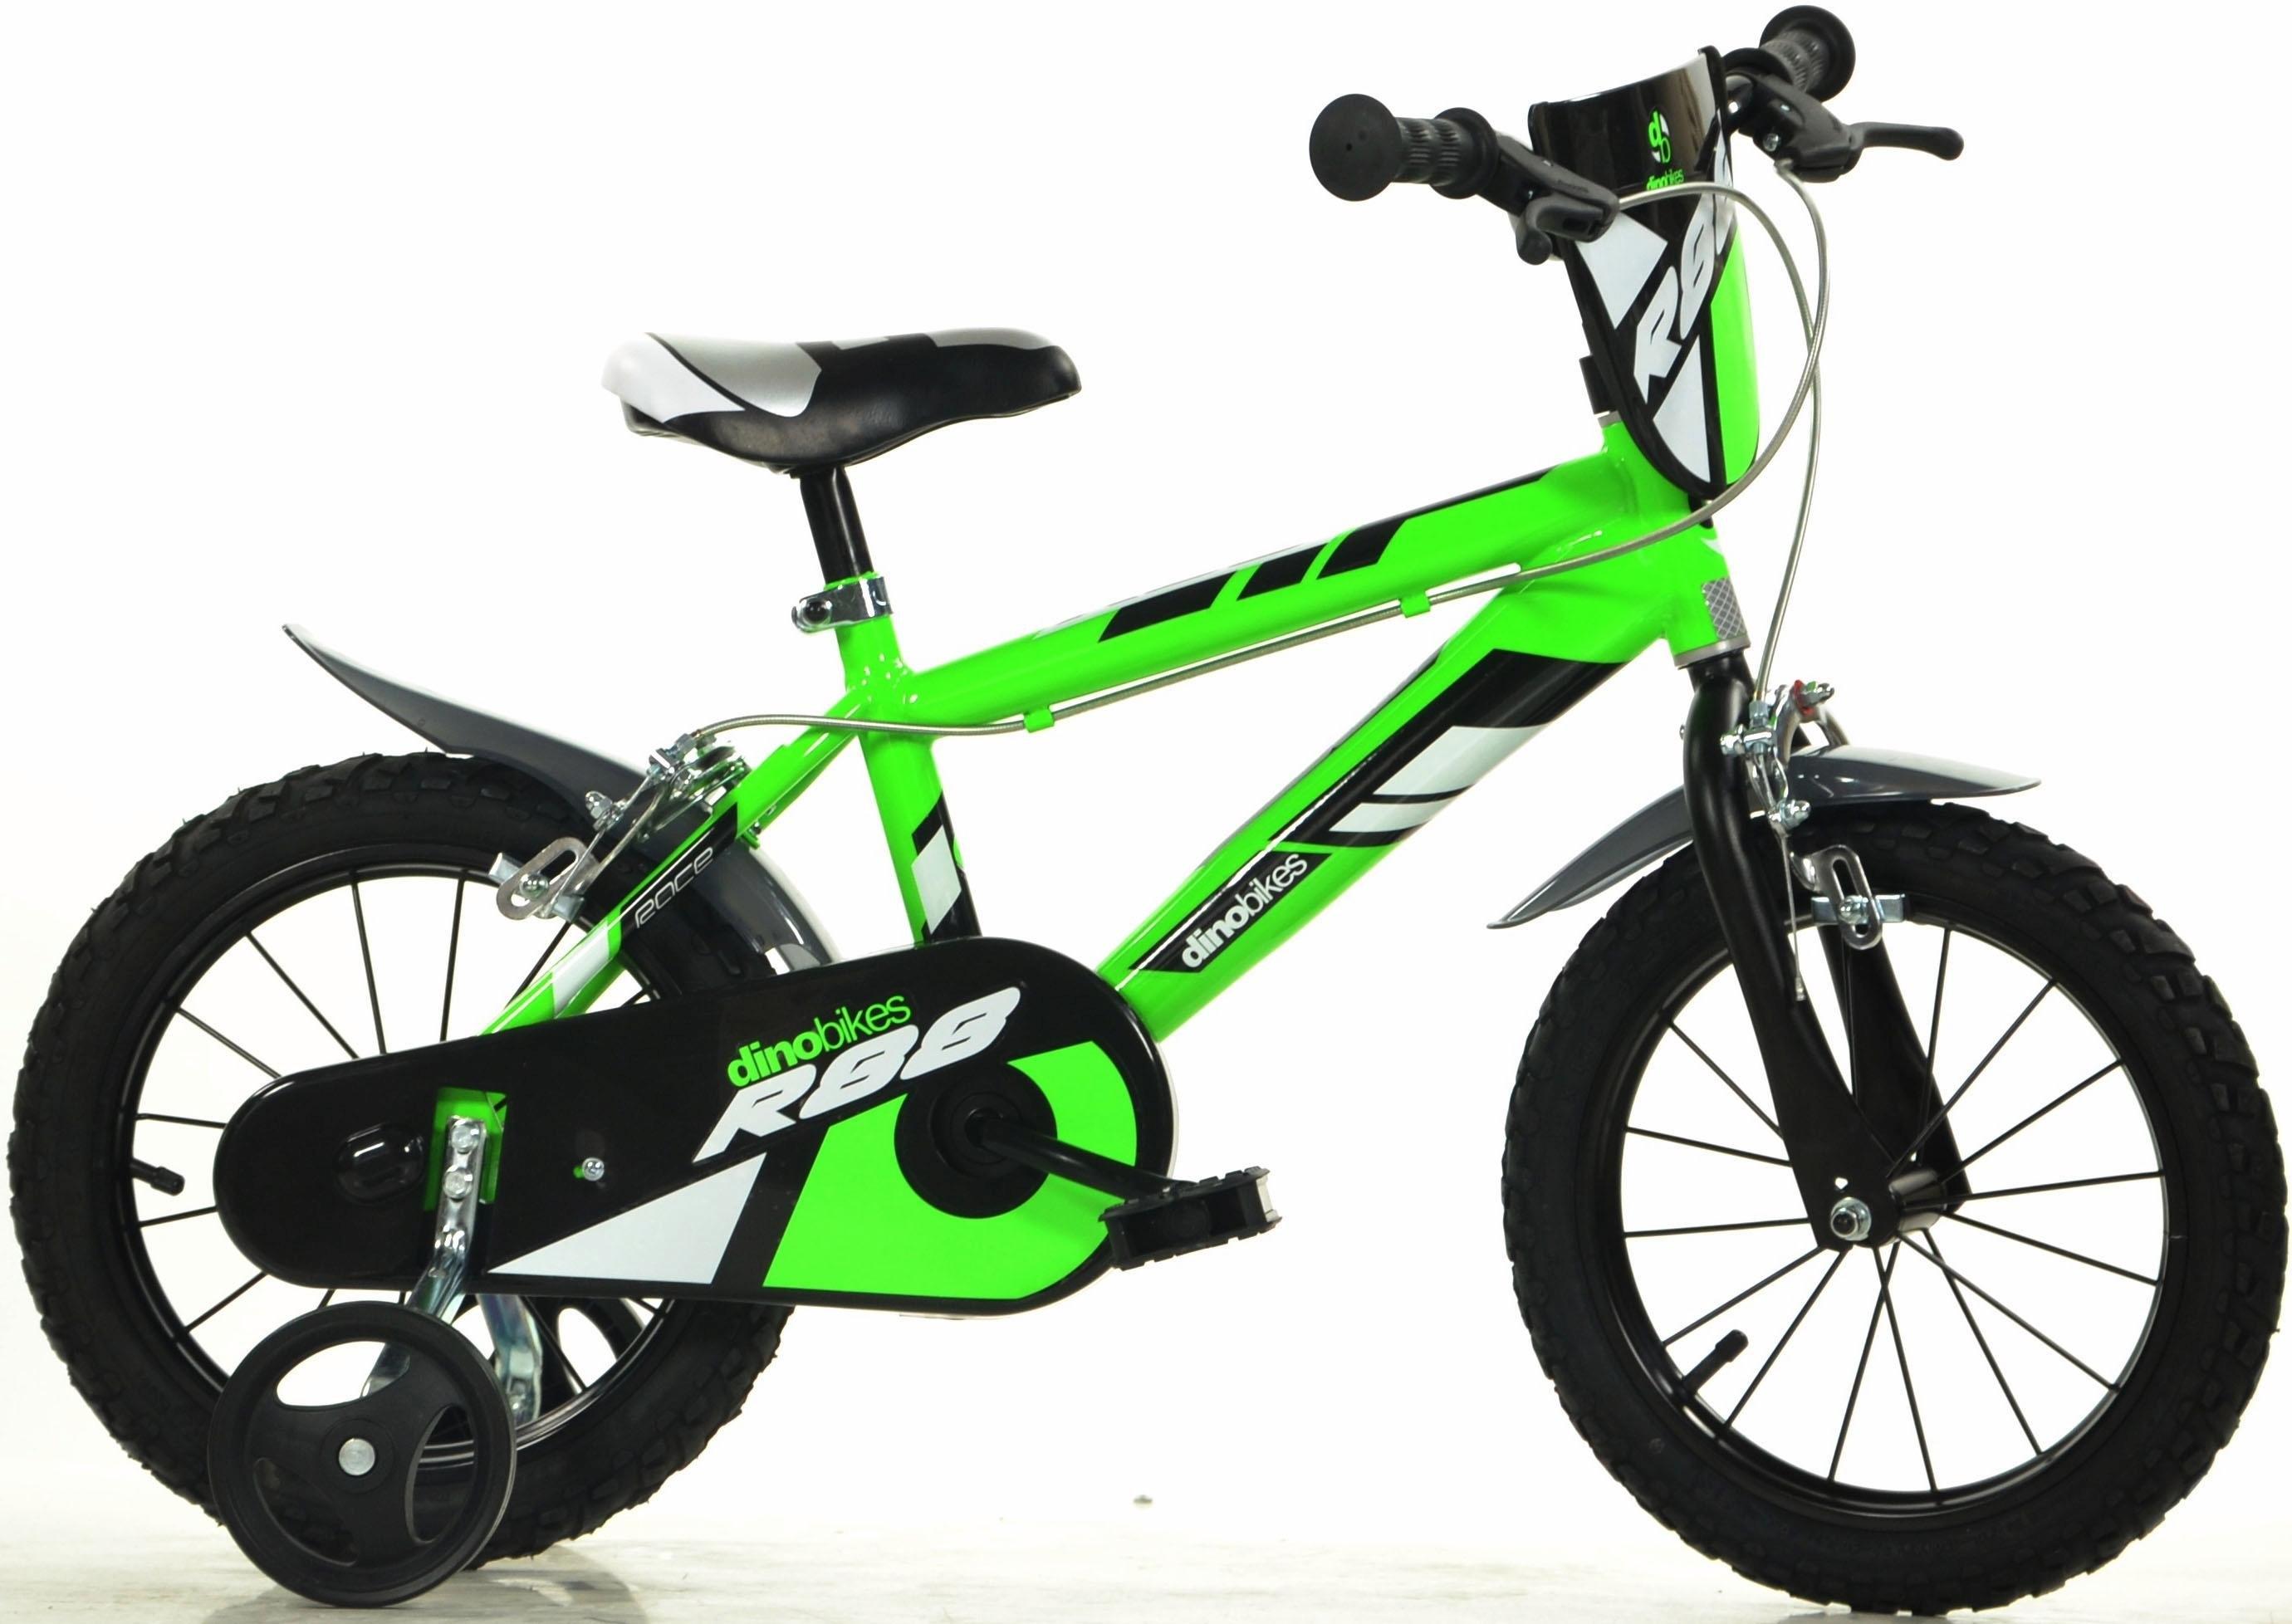 Dino mountainbike voor kinderen, 14 & 16 inch, 1 versnelling bestellen: 30 dagen bedenktijd